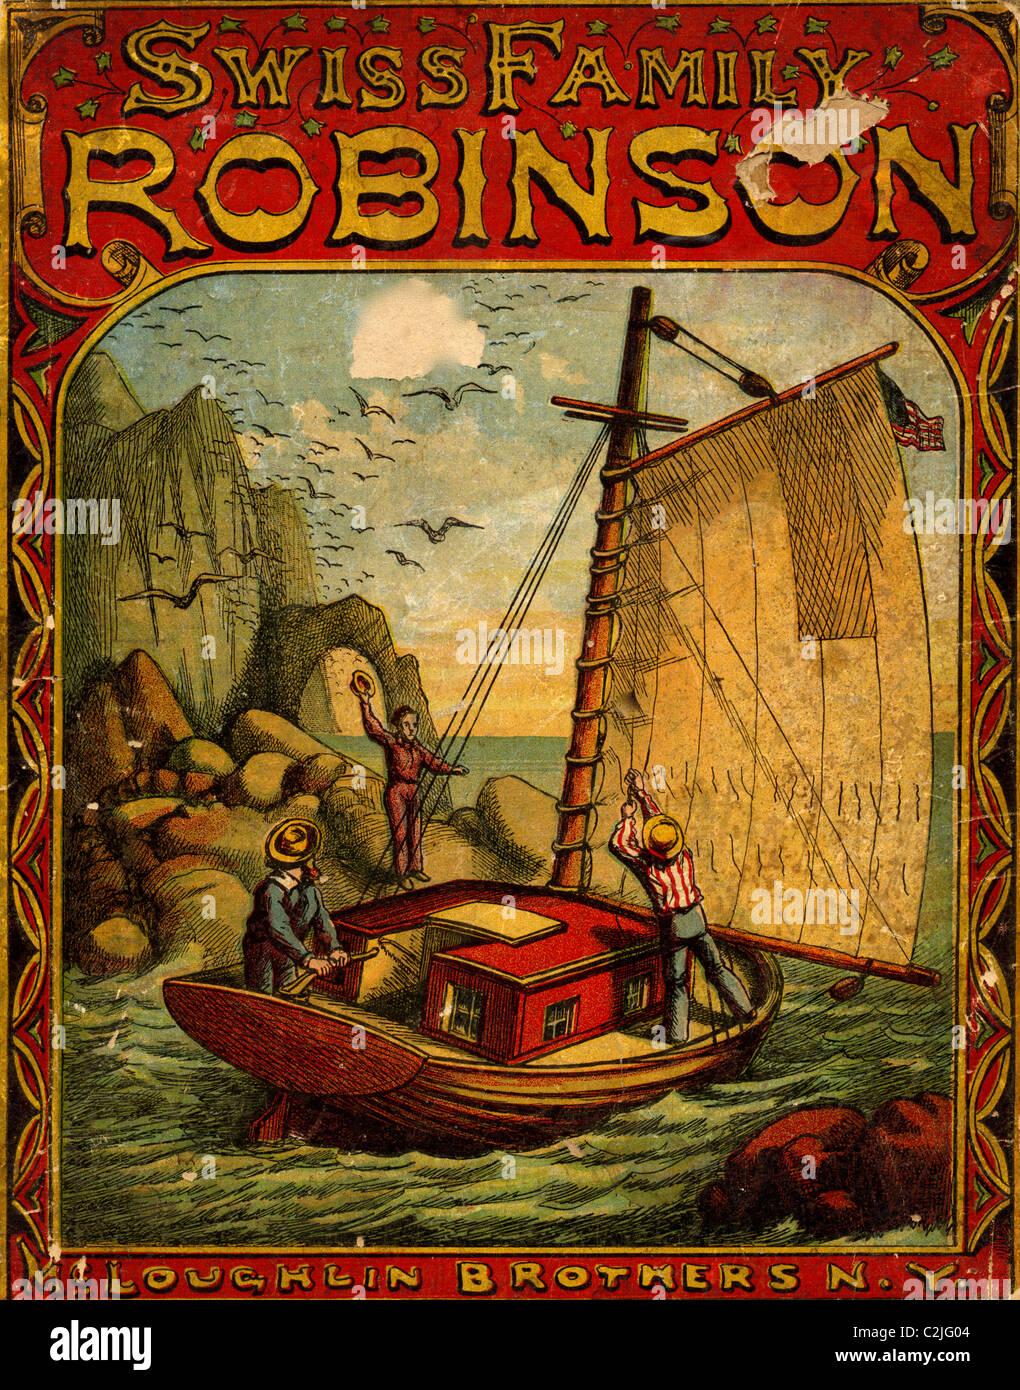 Famiglia svizzera Robinson per la copertina del libro Immagini Stock